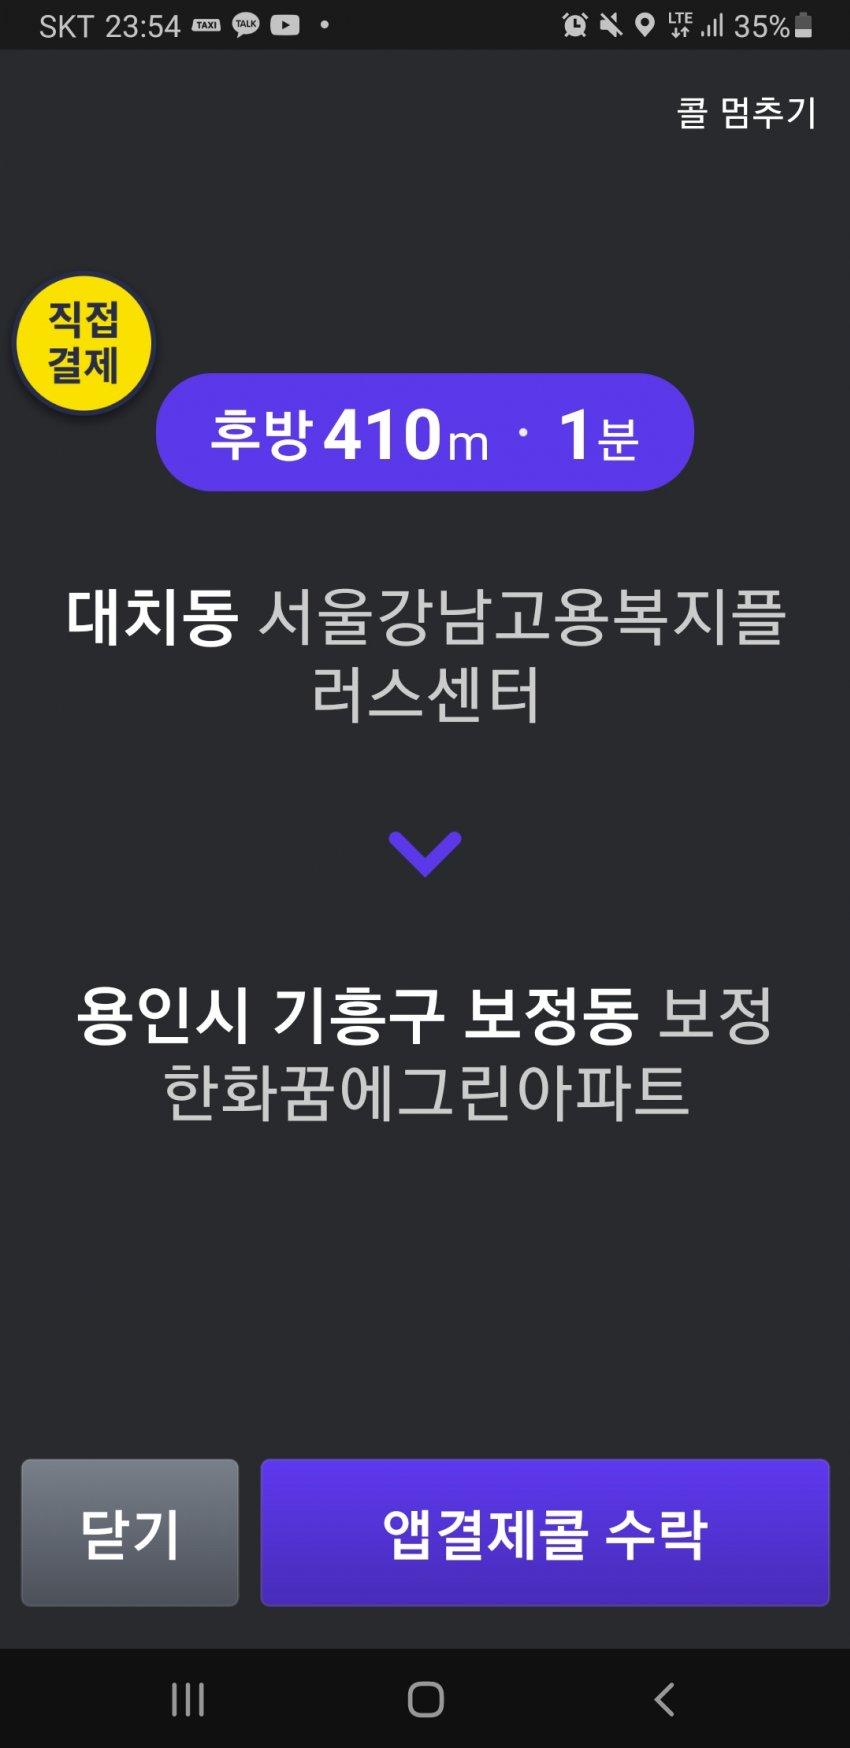 viewimage.php?id=39afd128f6db2c&no=24b0d769e1d32ca73dec87fa11d0283123a3619b5f9530e1a1316068e3daca0a5f5c062bbad9685985119163a839bebd747dfa861db75f7bc6540c3cd80127064d58b25ffdebeb1a98cd89bb3d3b04f9e8ca177dd18fd9c9773cb9c496e203d002d60d38c7f2e6c35bea09d2